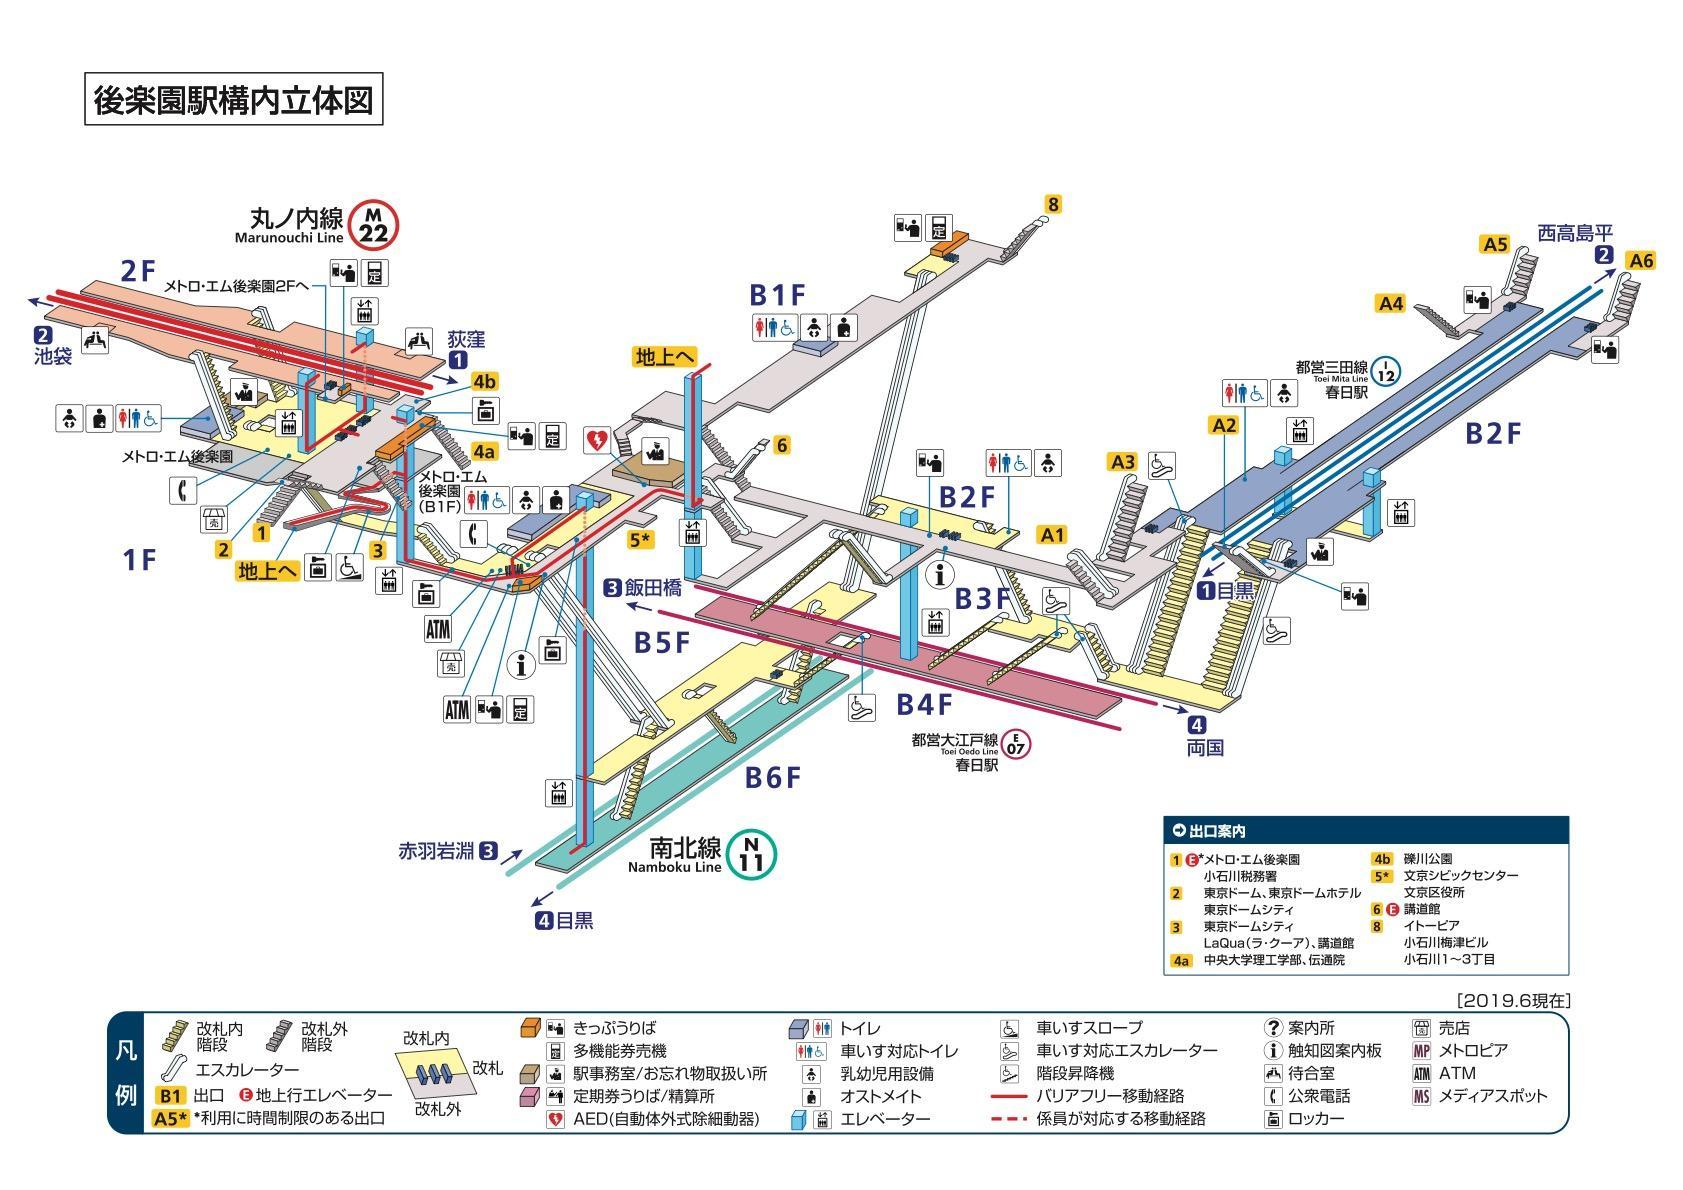 春日駅(福岡県春日市) 駅・路線図から地図を検索|マピオン